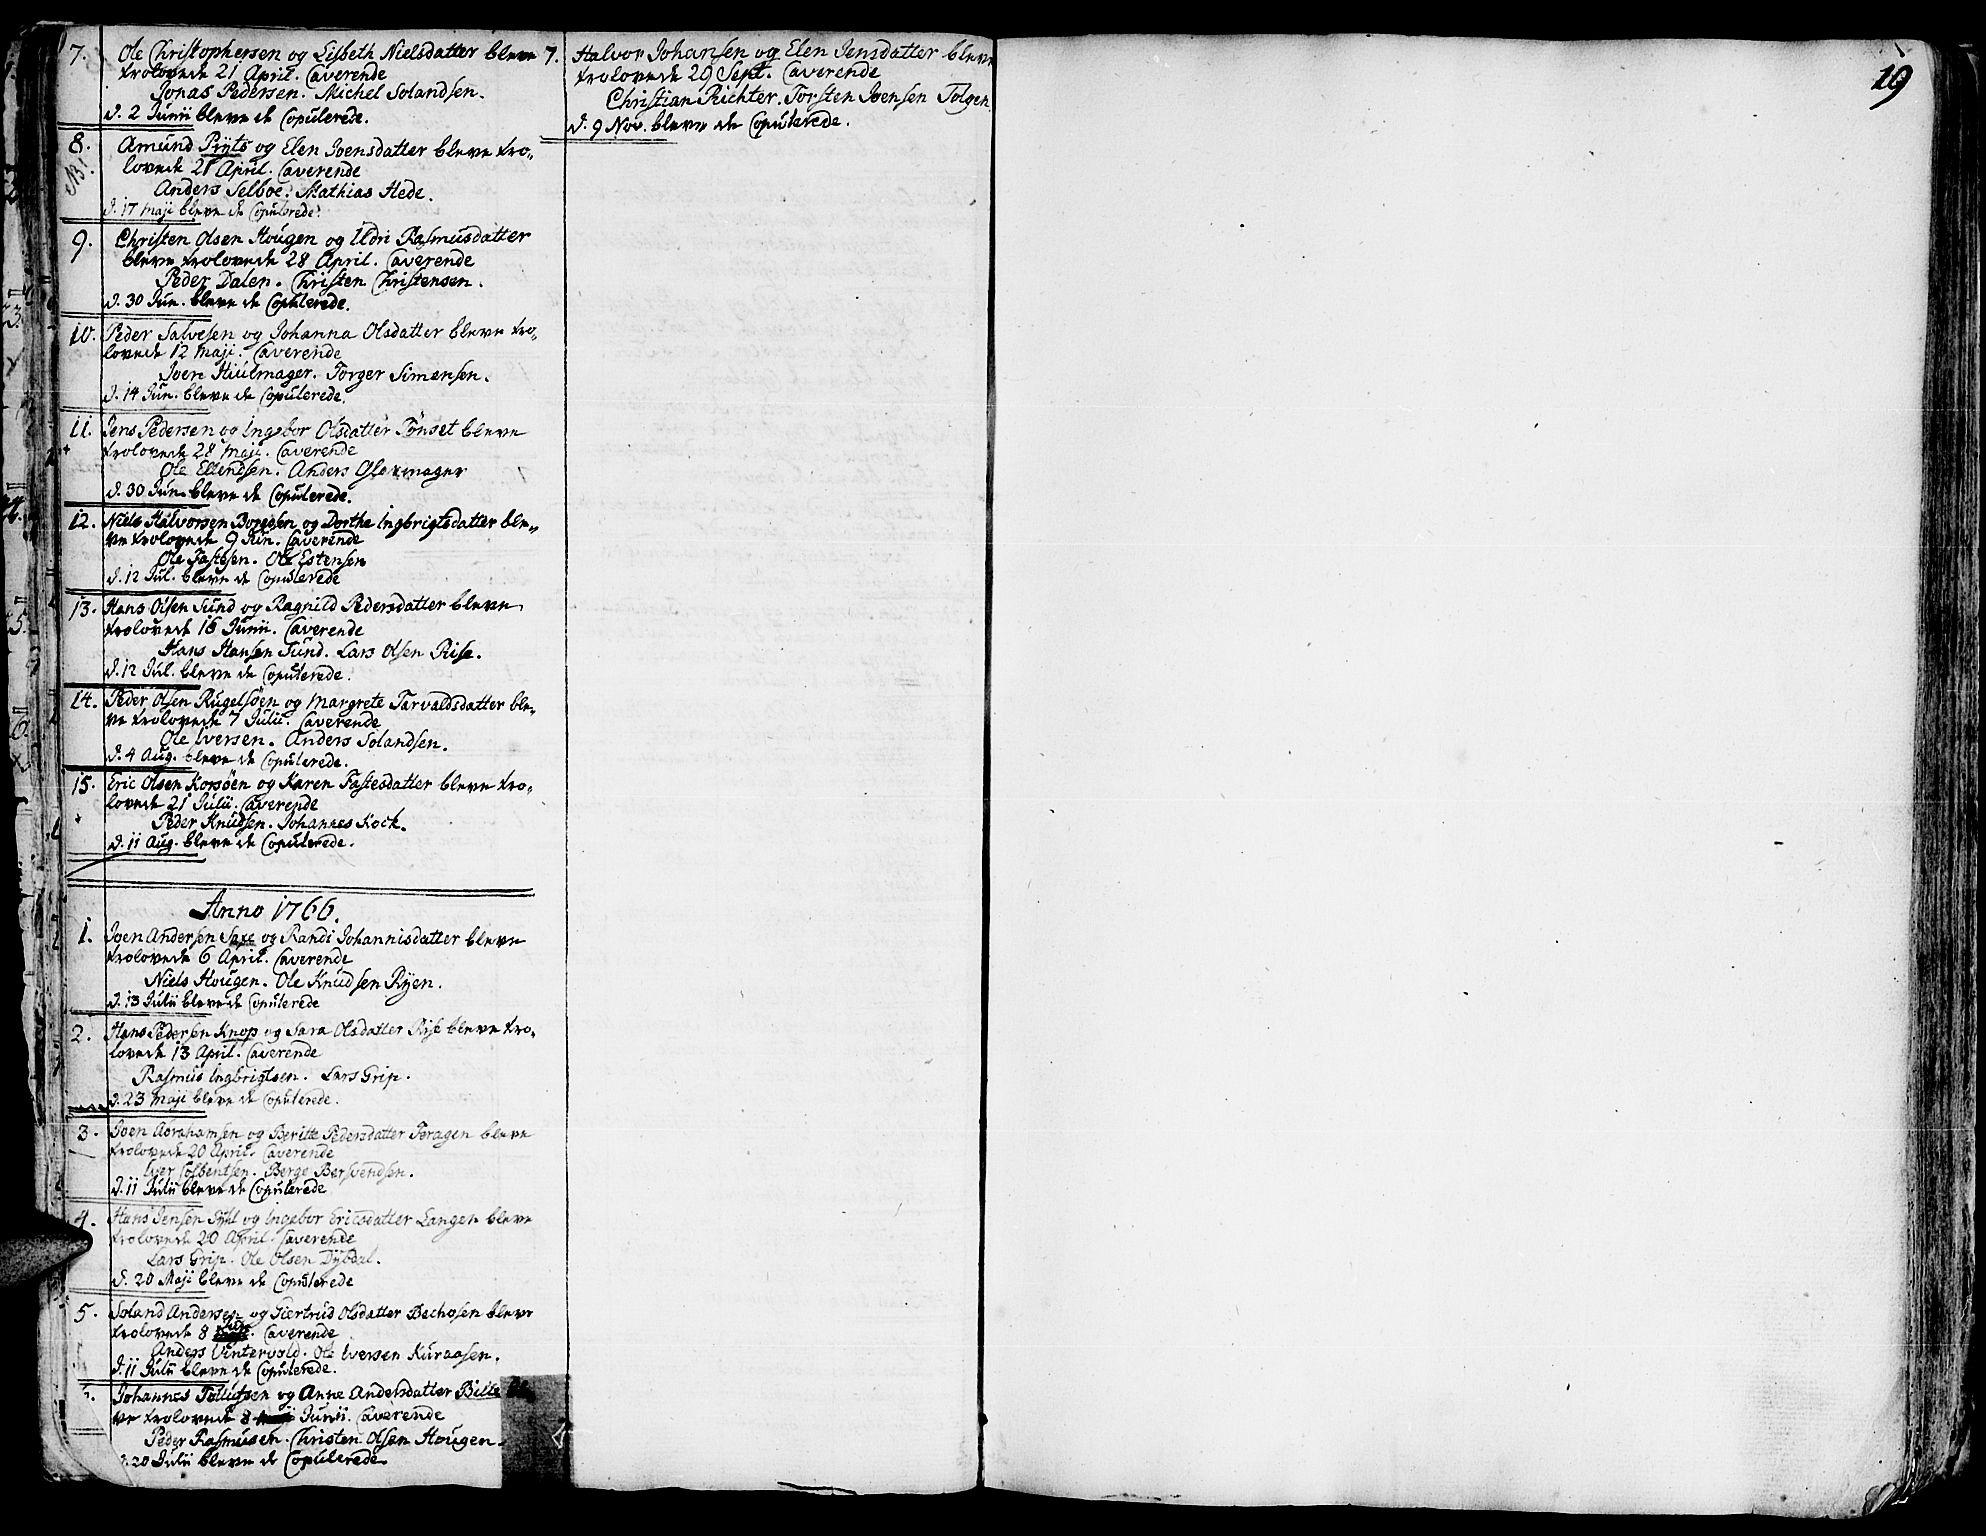 SAT, Ministerialprotokoller, klokkerbøker og fødselsregistre - Sør-Trøndelag, 681/L0925: Ministerialbok nr. 681A03, 1727-1766, s. 19